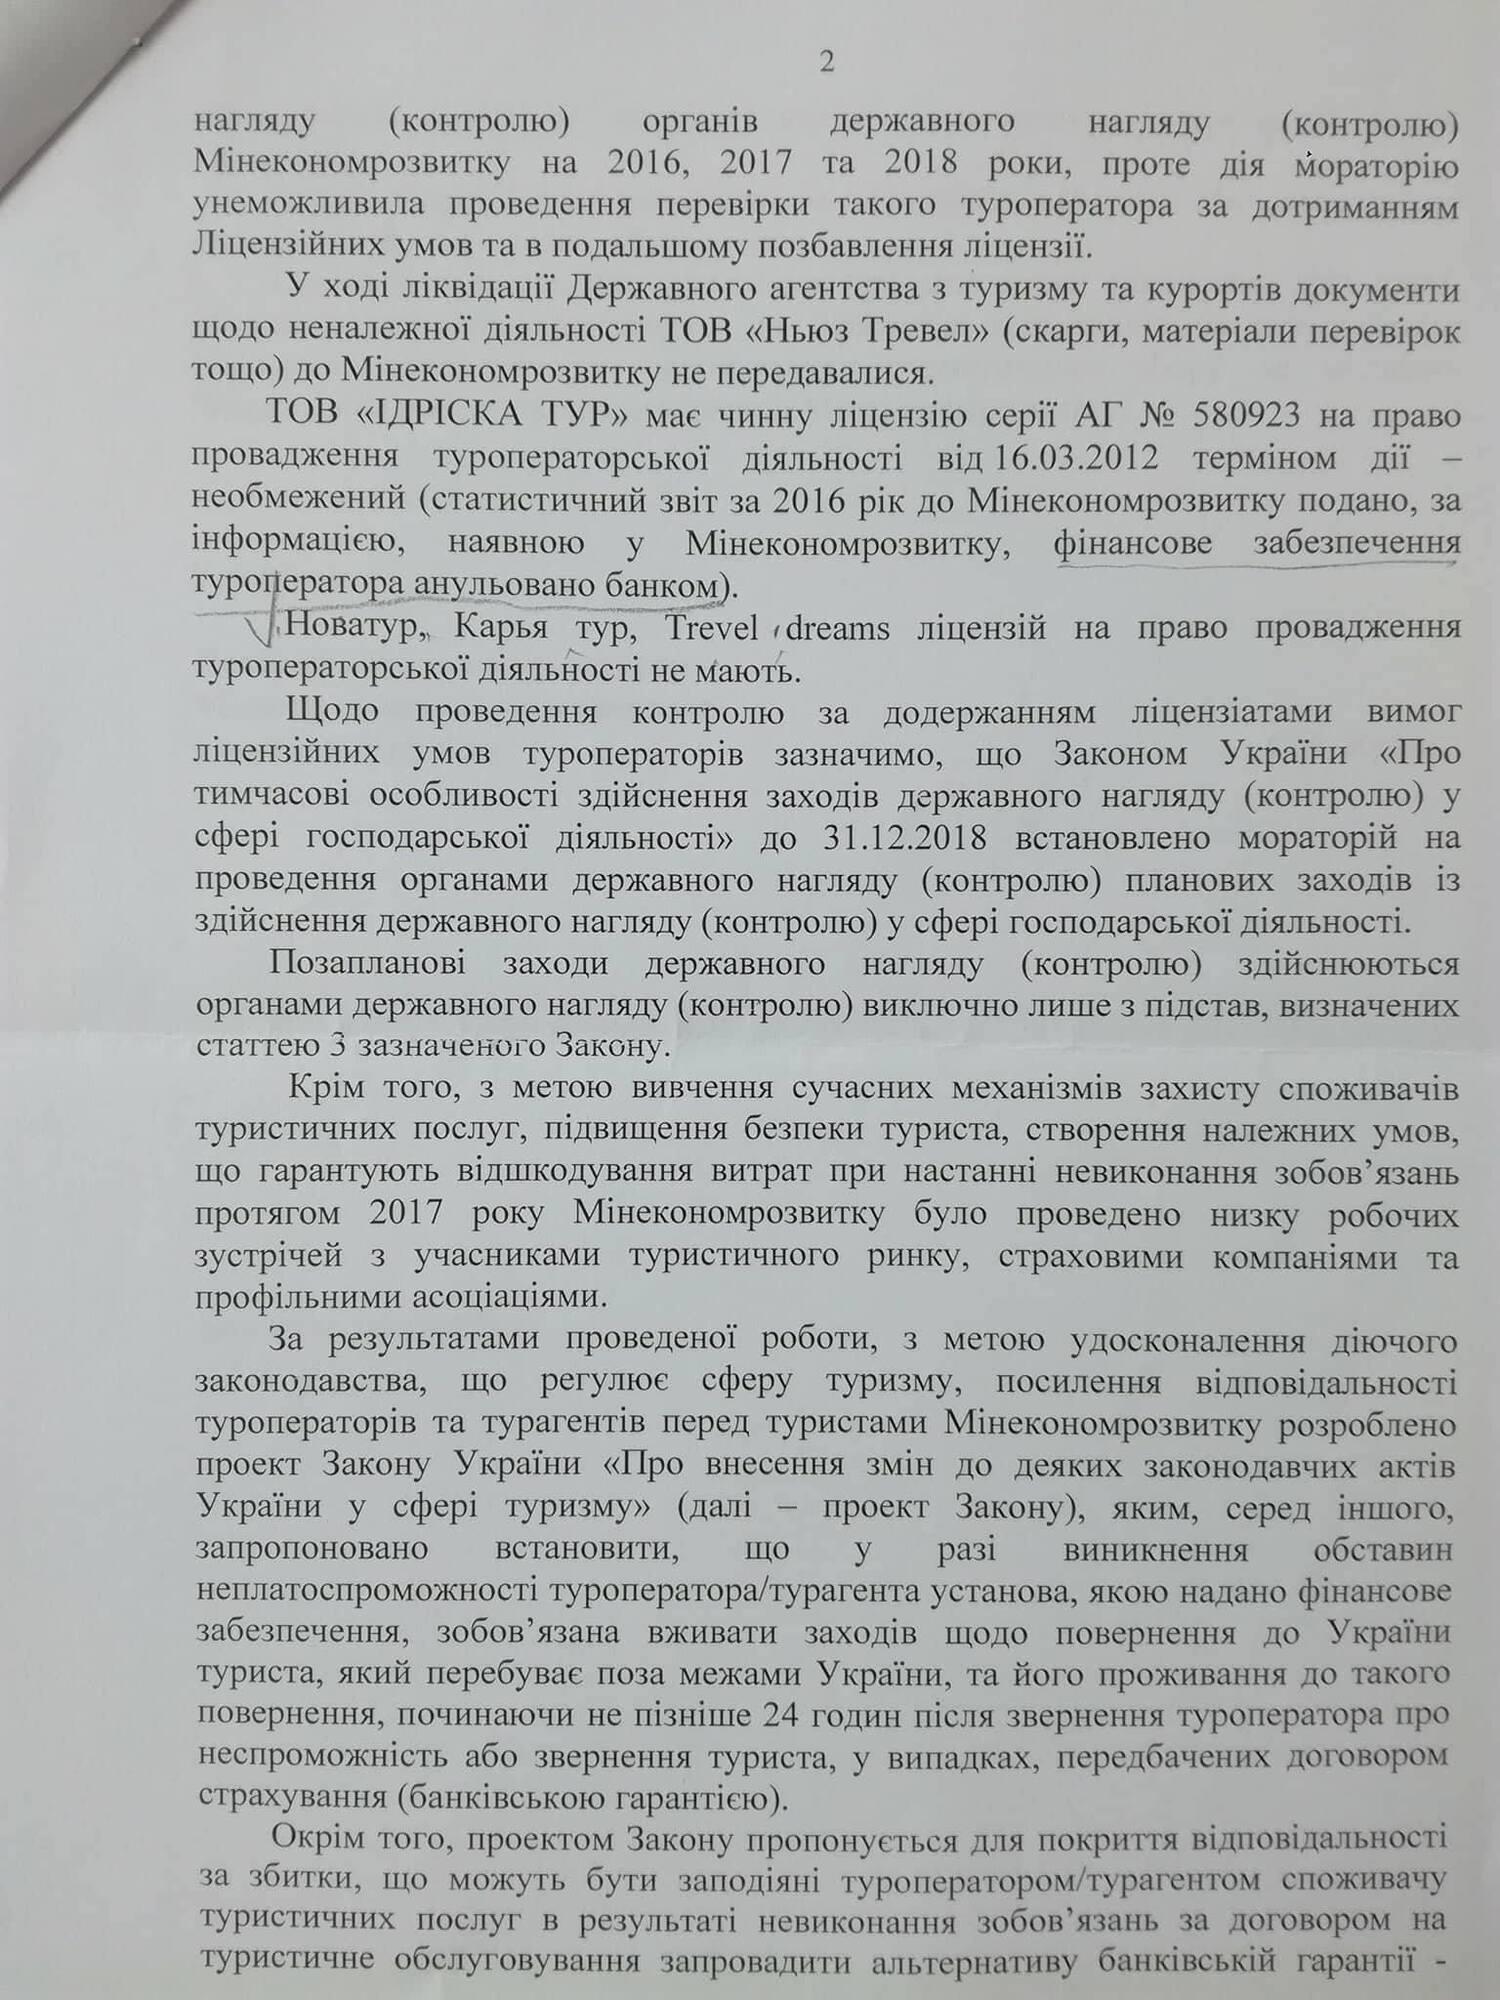 Скоро в Украине будет новая катастрофа с туристами - нардеп